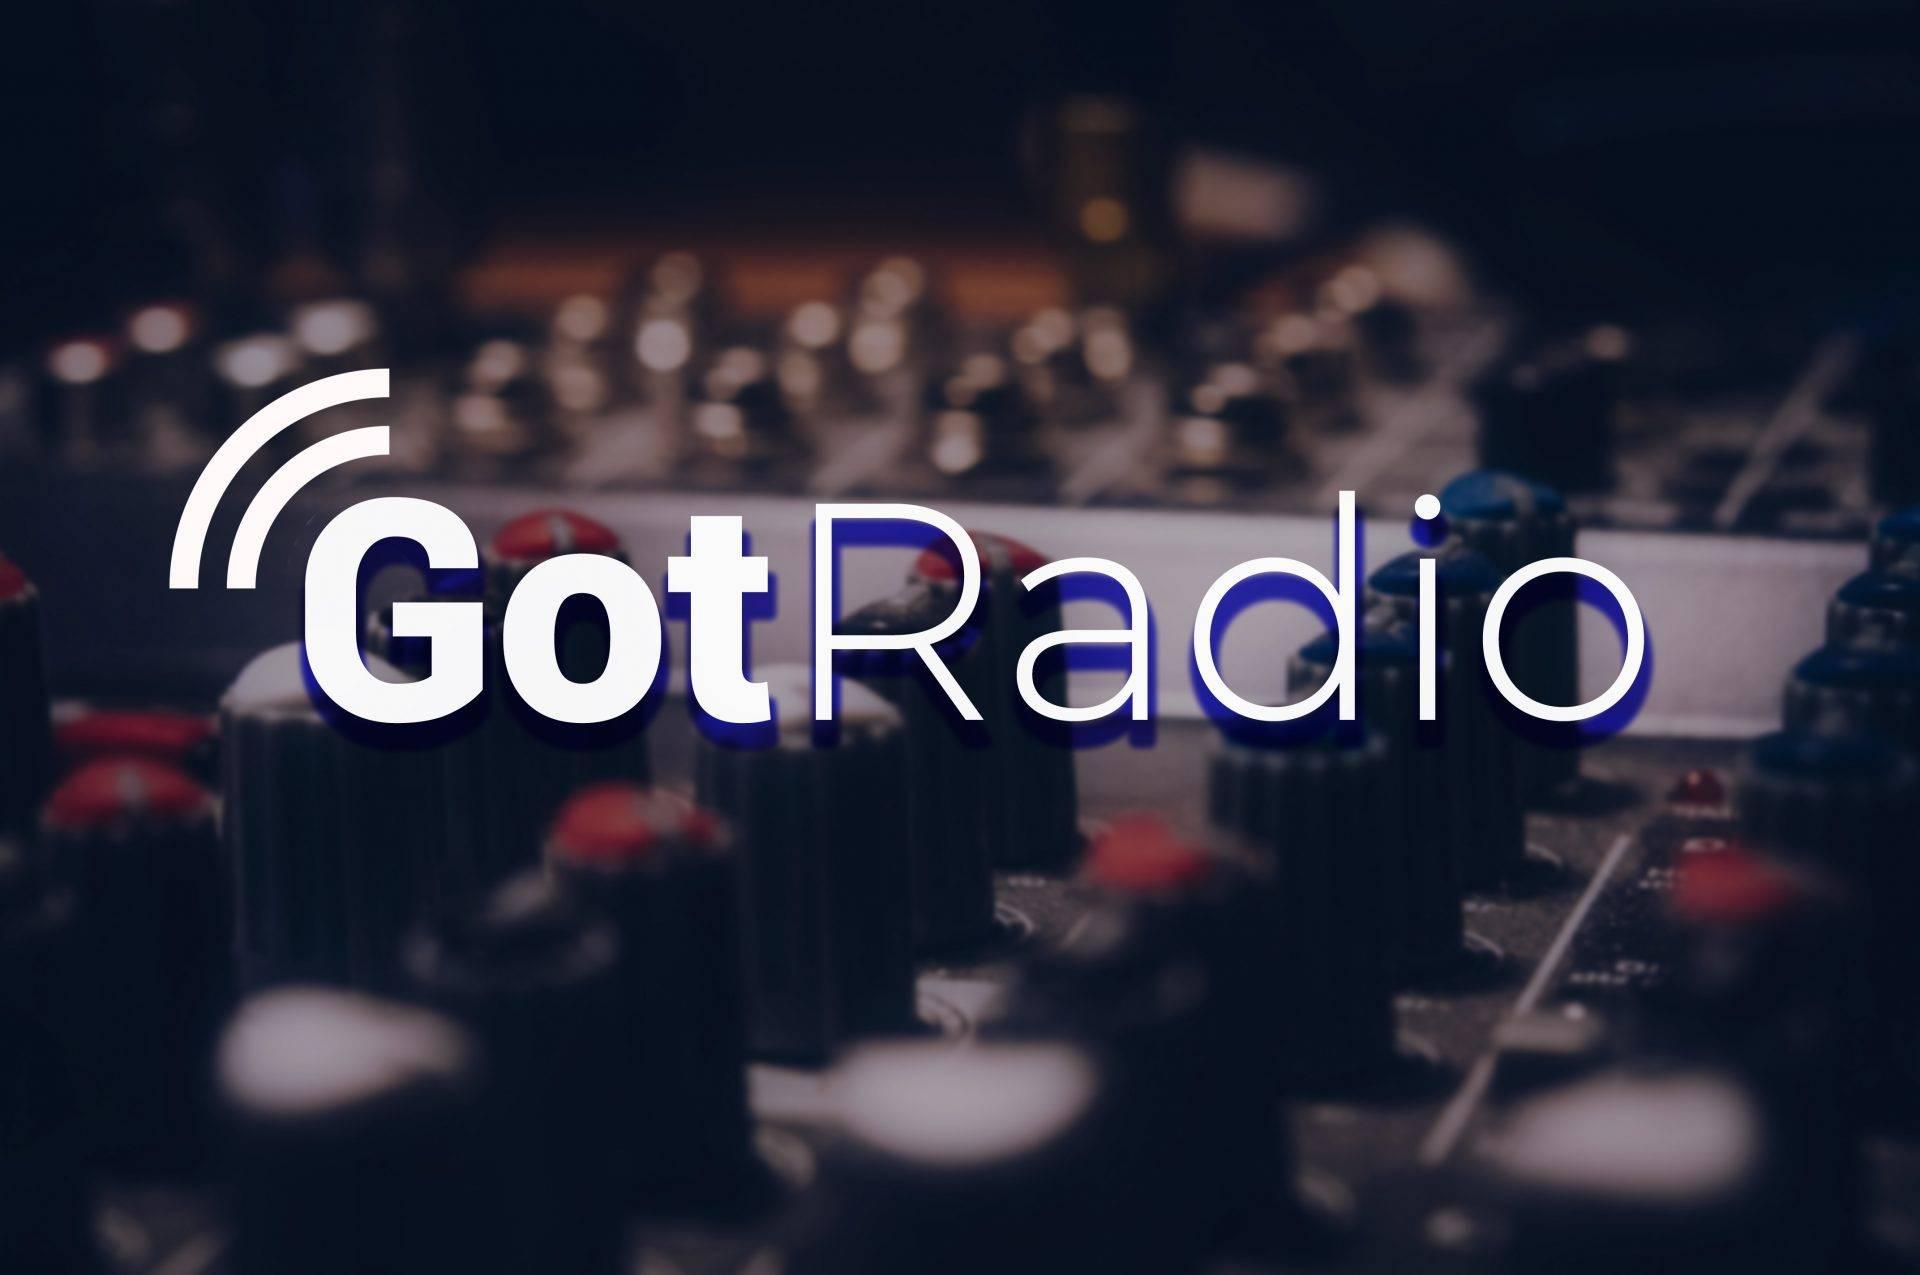 Listen GotRadio